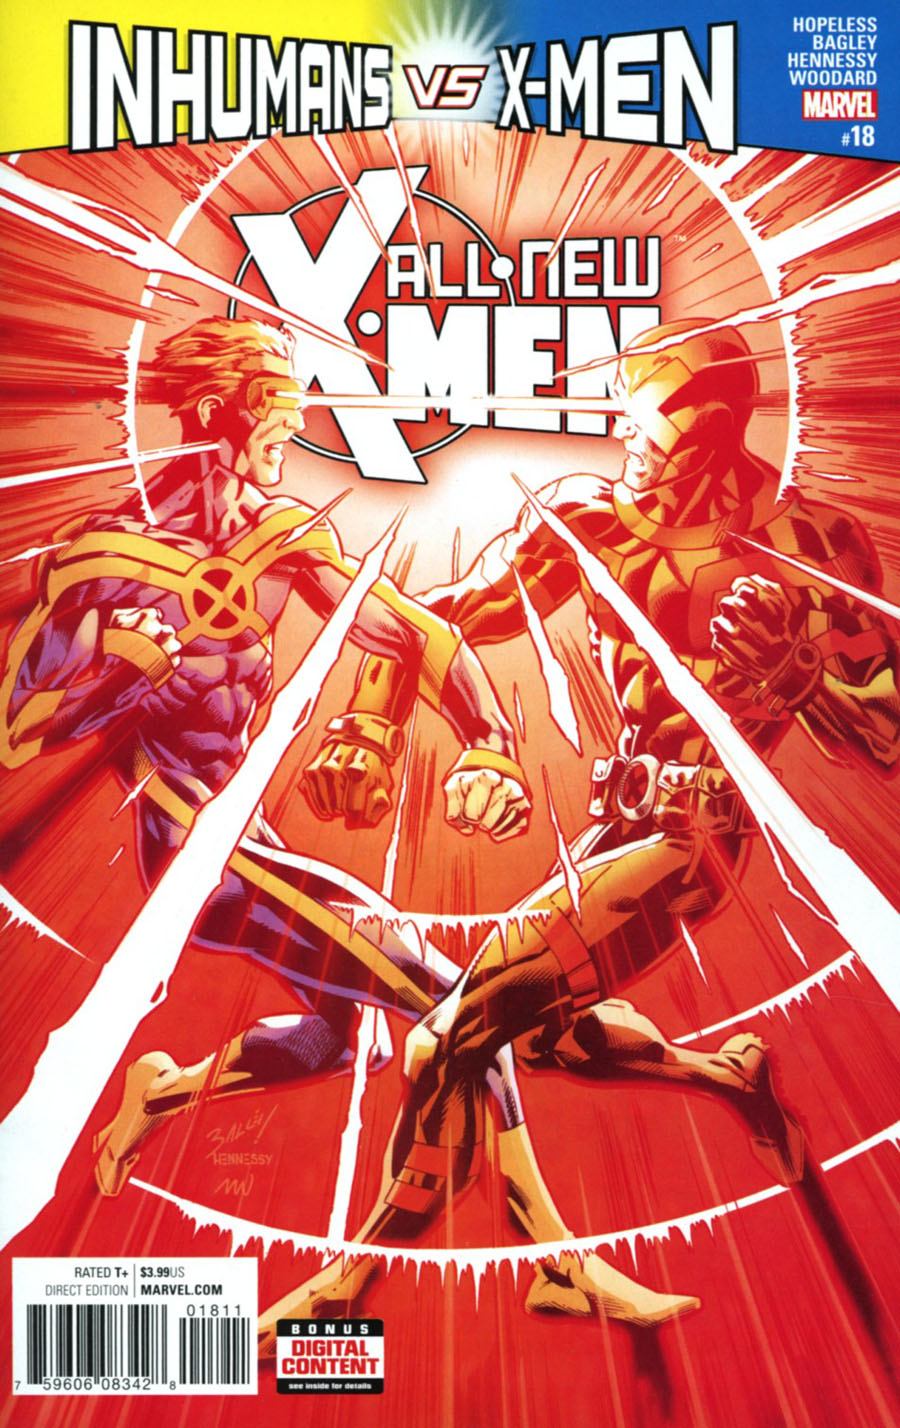 All-New X-Men Vol 2 #18 Cover A Regular Mark Bagley Cover (Inhumans vs X-Men Tie-In)